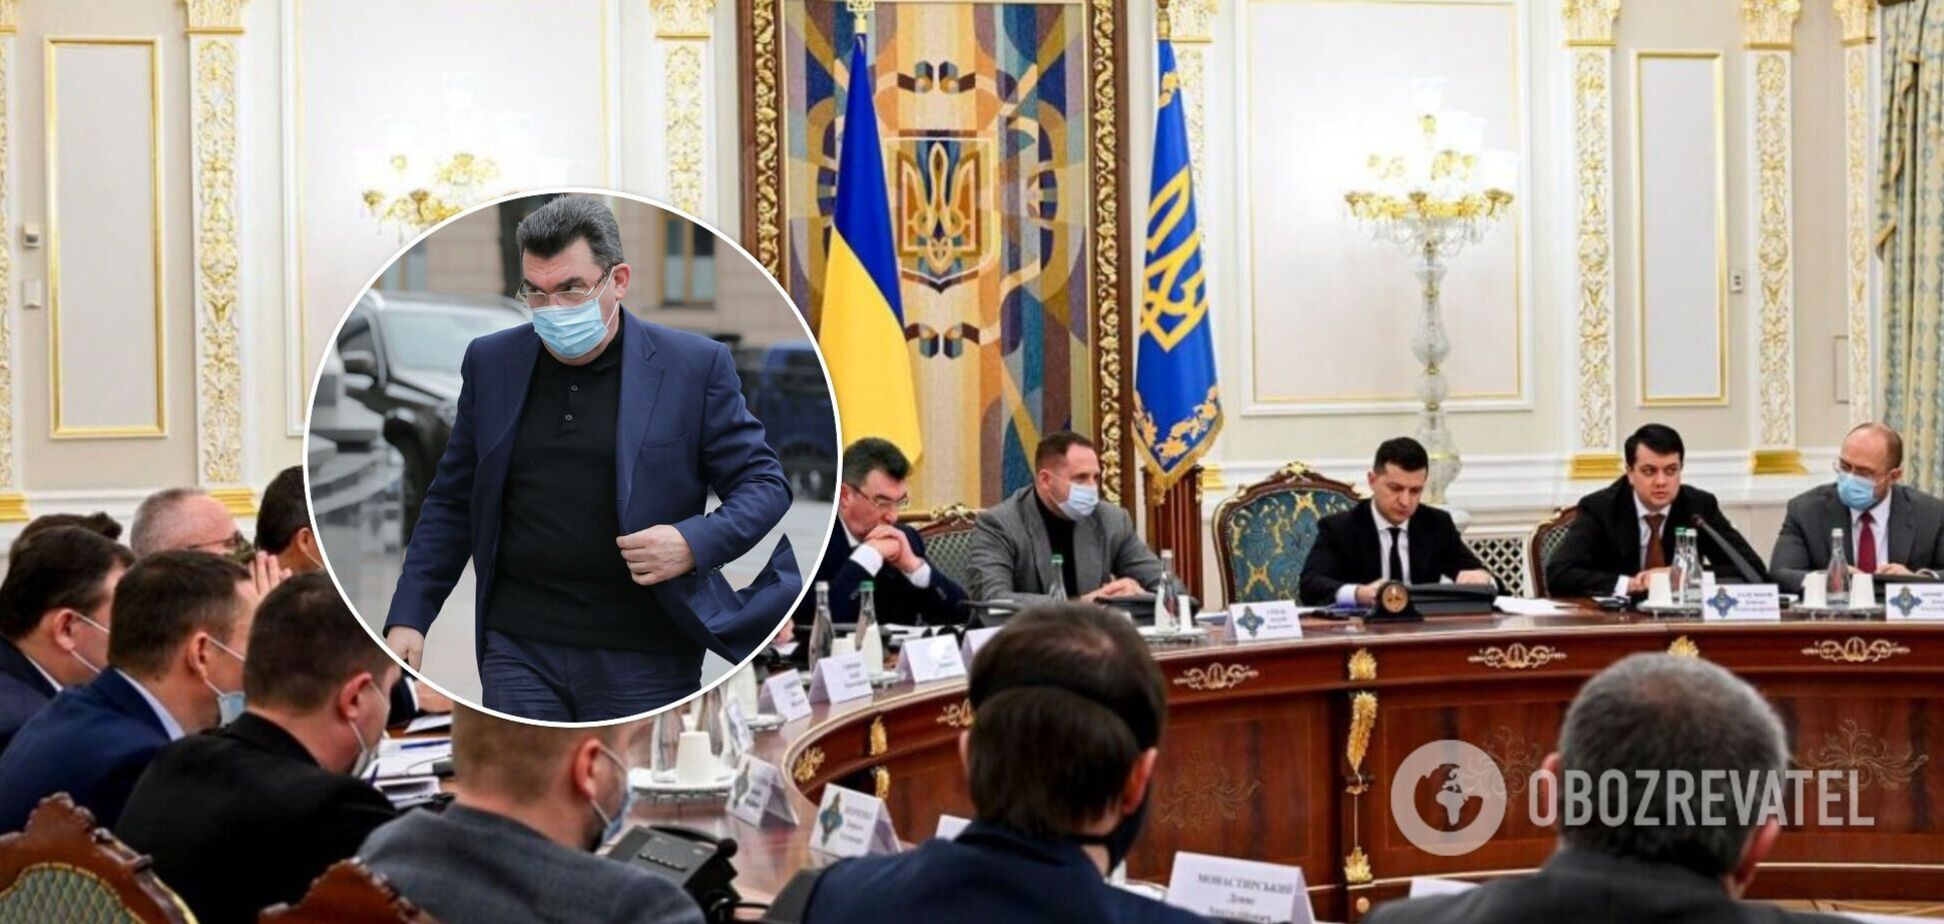 Данилов анонсировал выездное заседание СНБО и раскрыл повестку дня